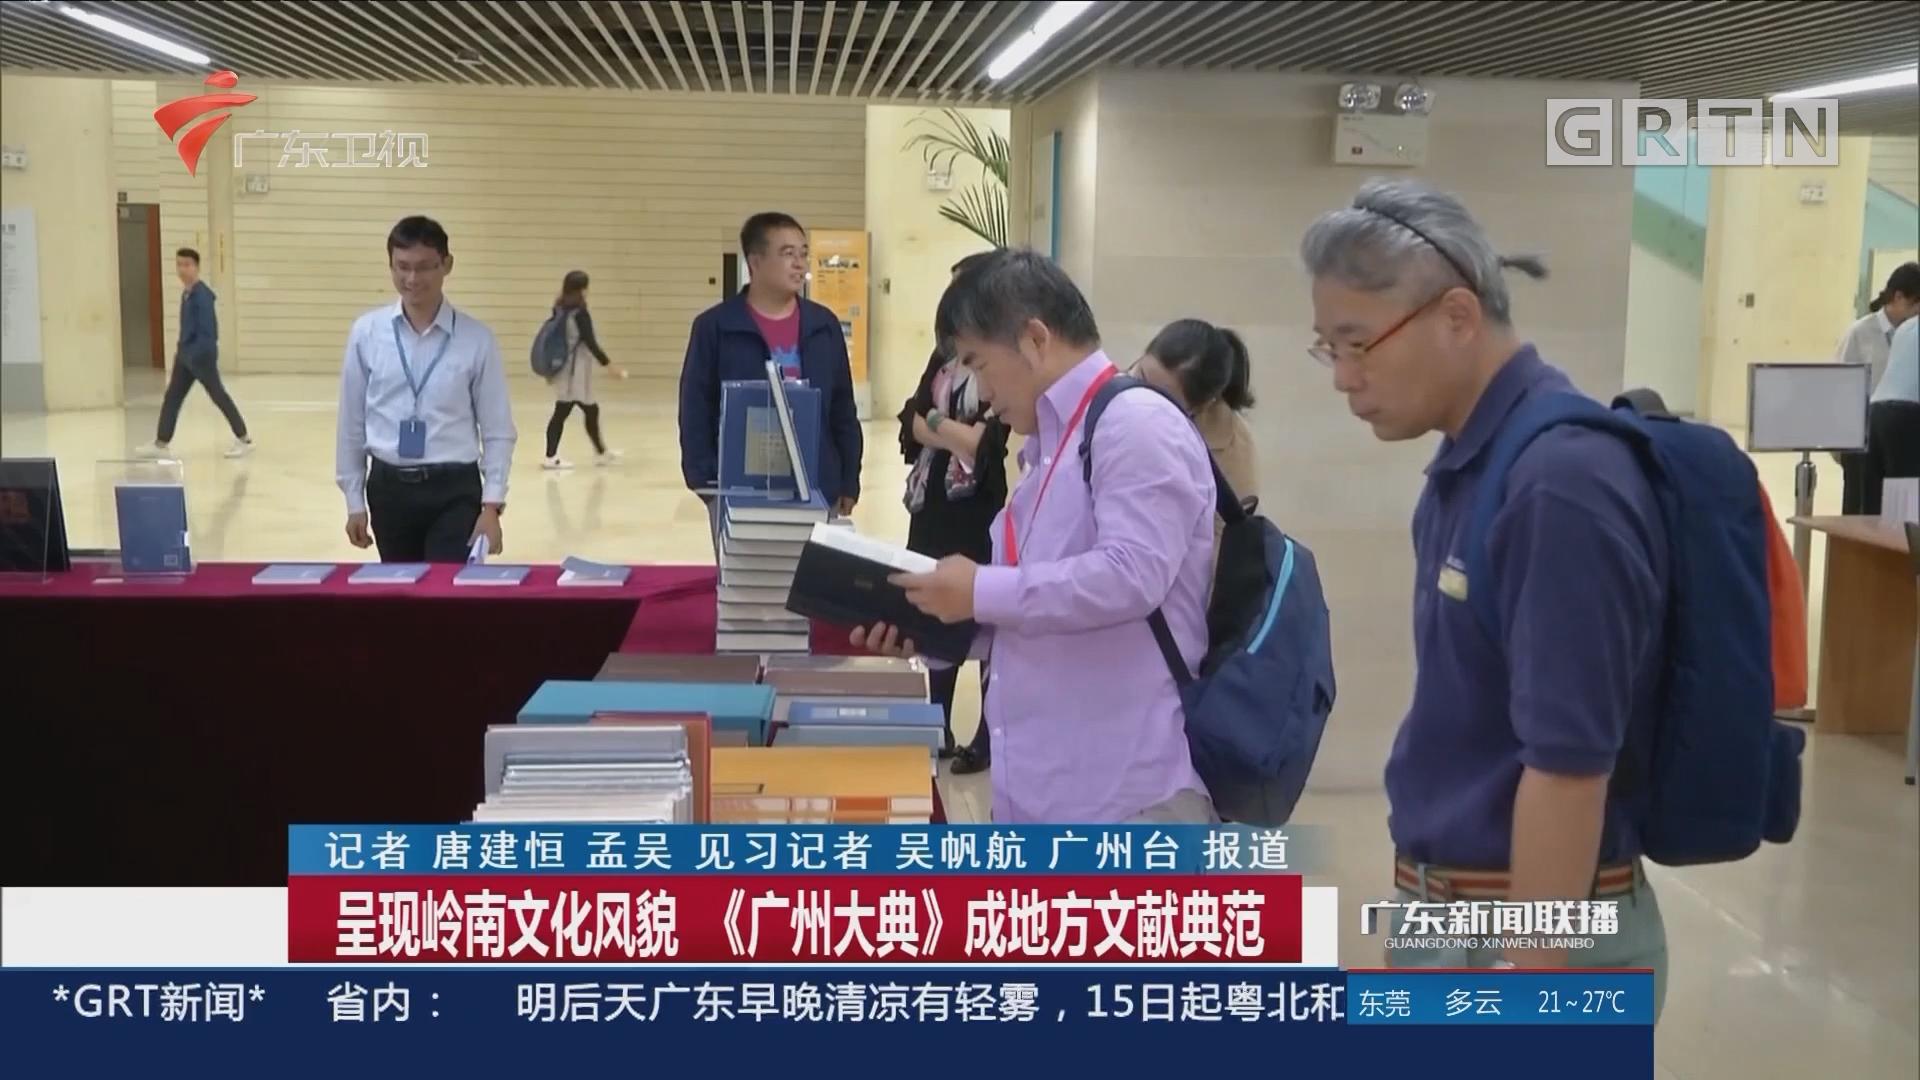 呈现岭南文化风貌 《广州大典》成地方文献典范